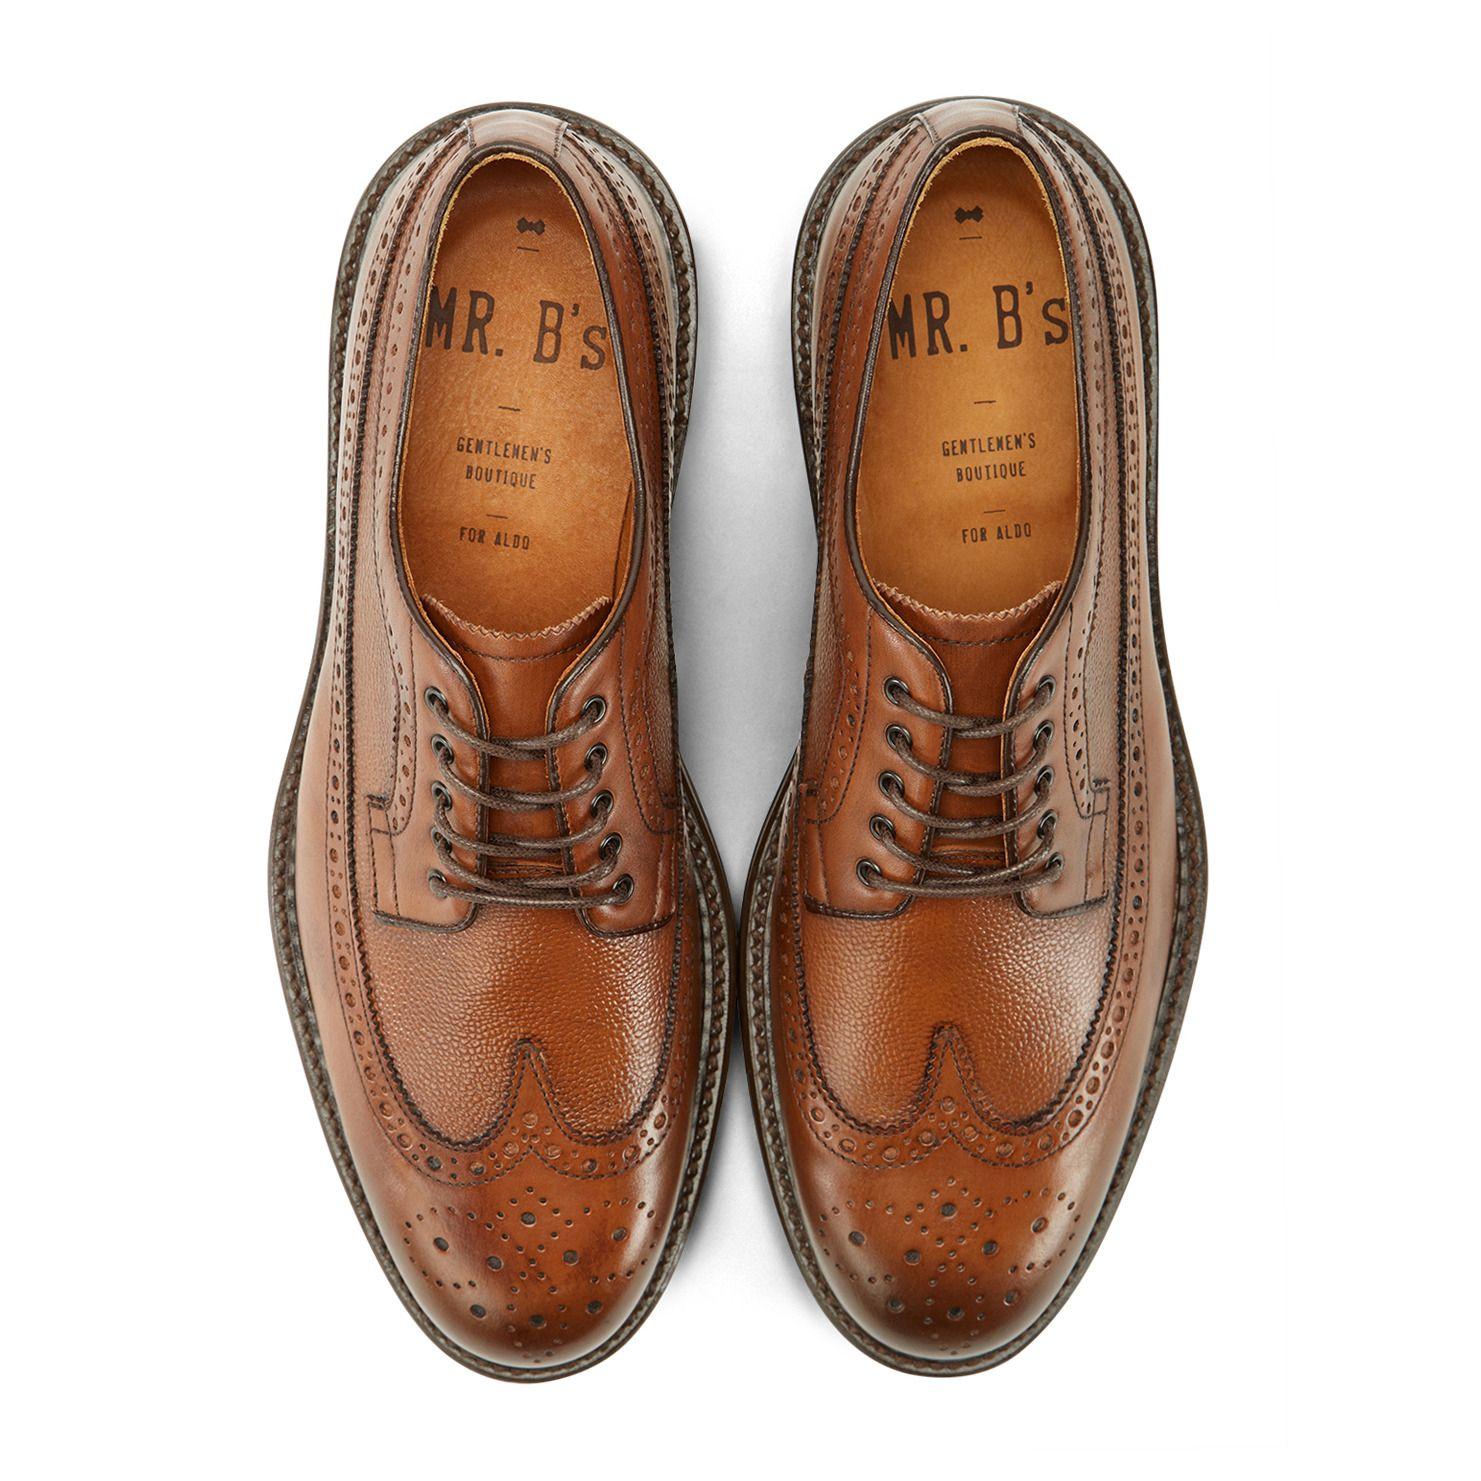 f2a01632c3 RANTZ - men's shoes mr. b's collection for sale at ALDO Shoes ...